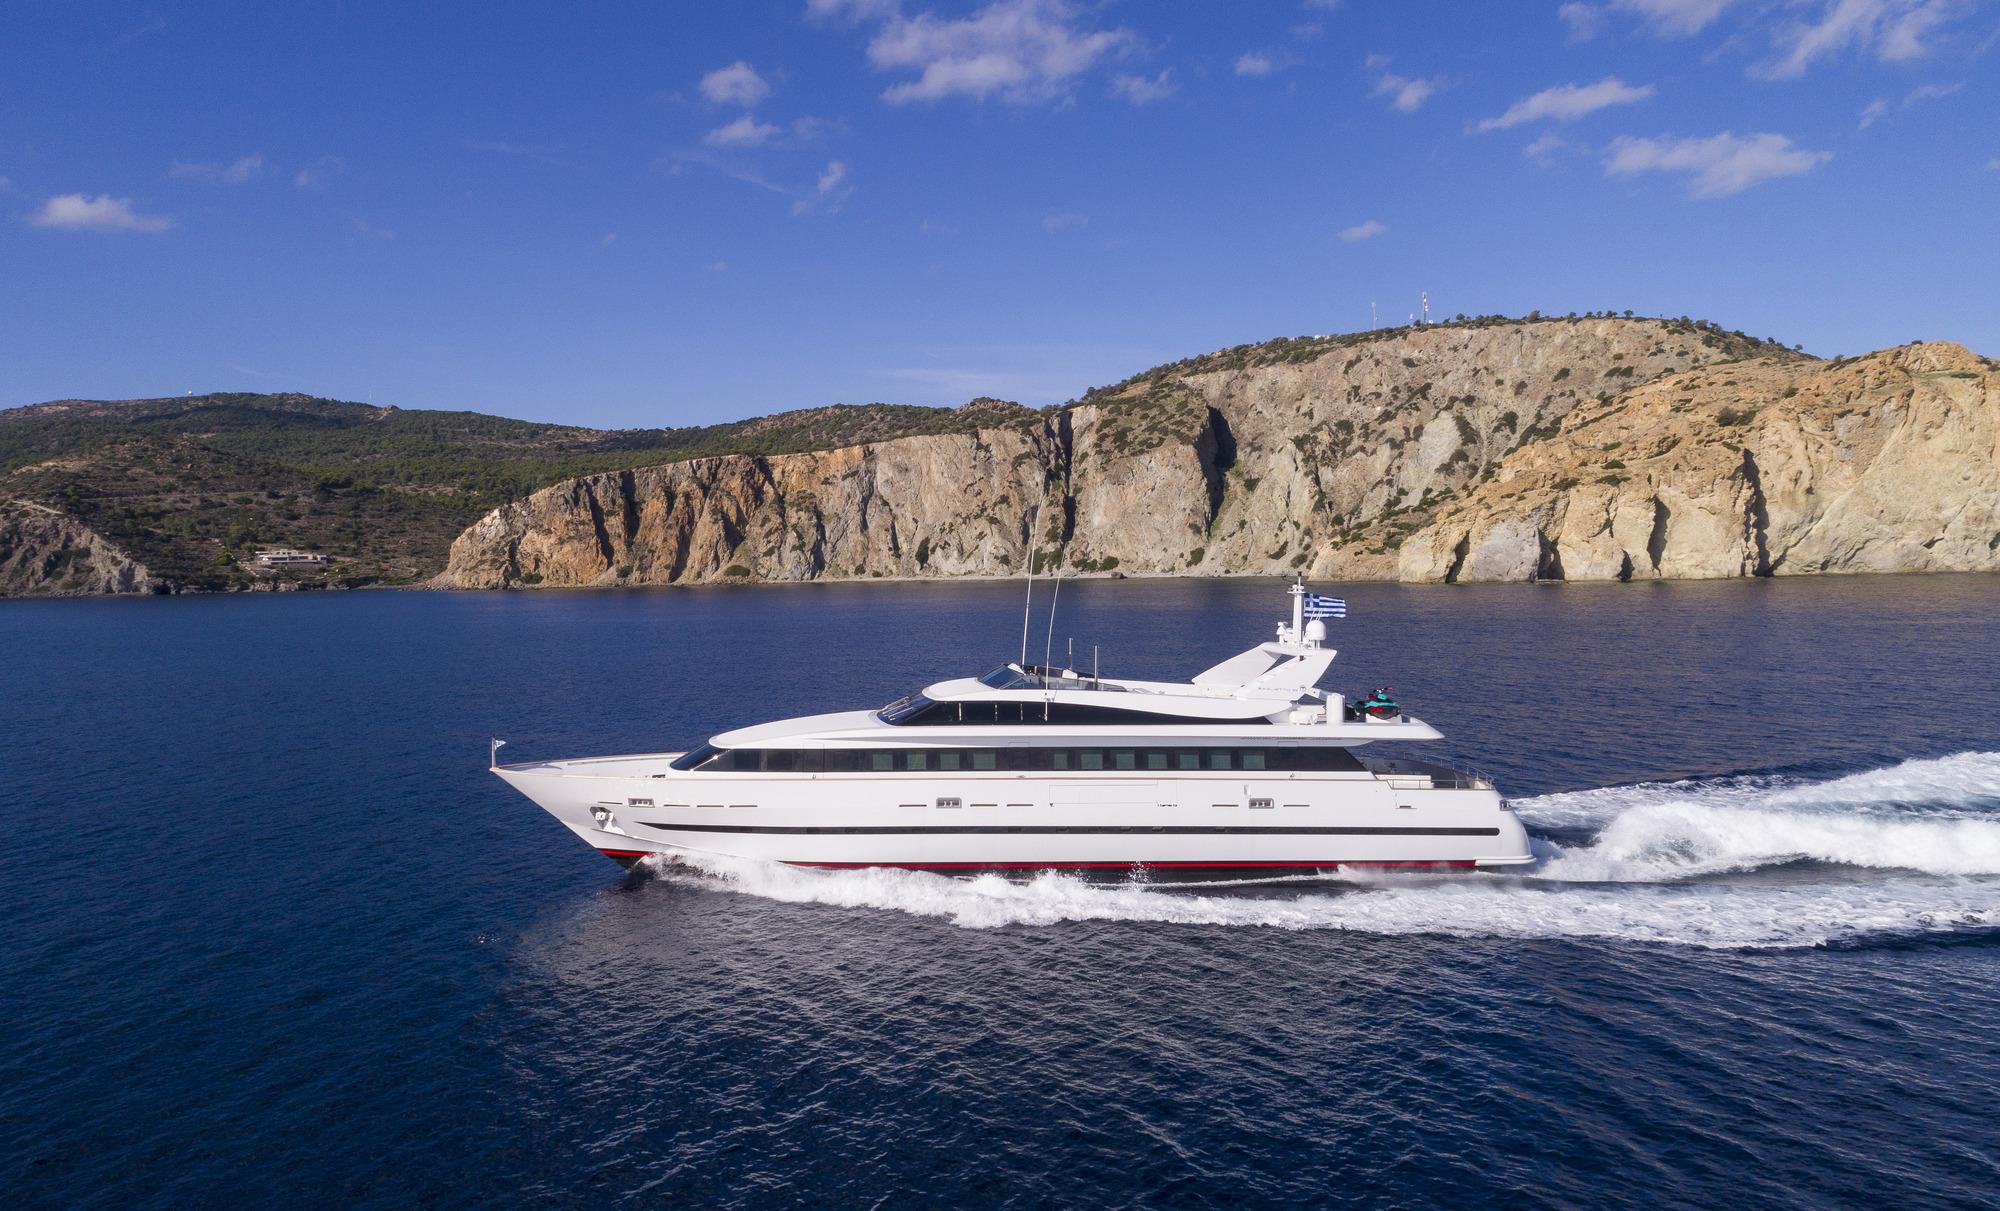 Baglietto Motor Yacht SOLE DI MARE - Main Shot